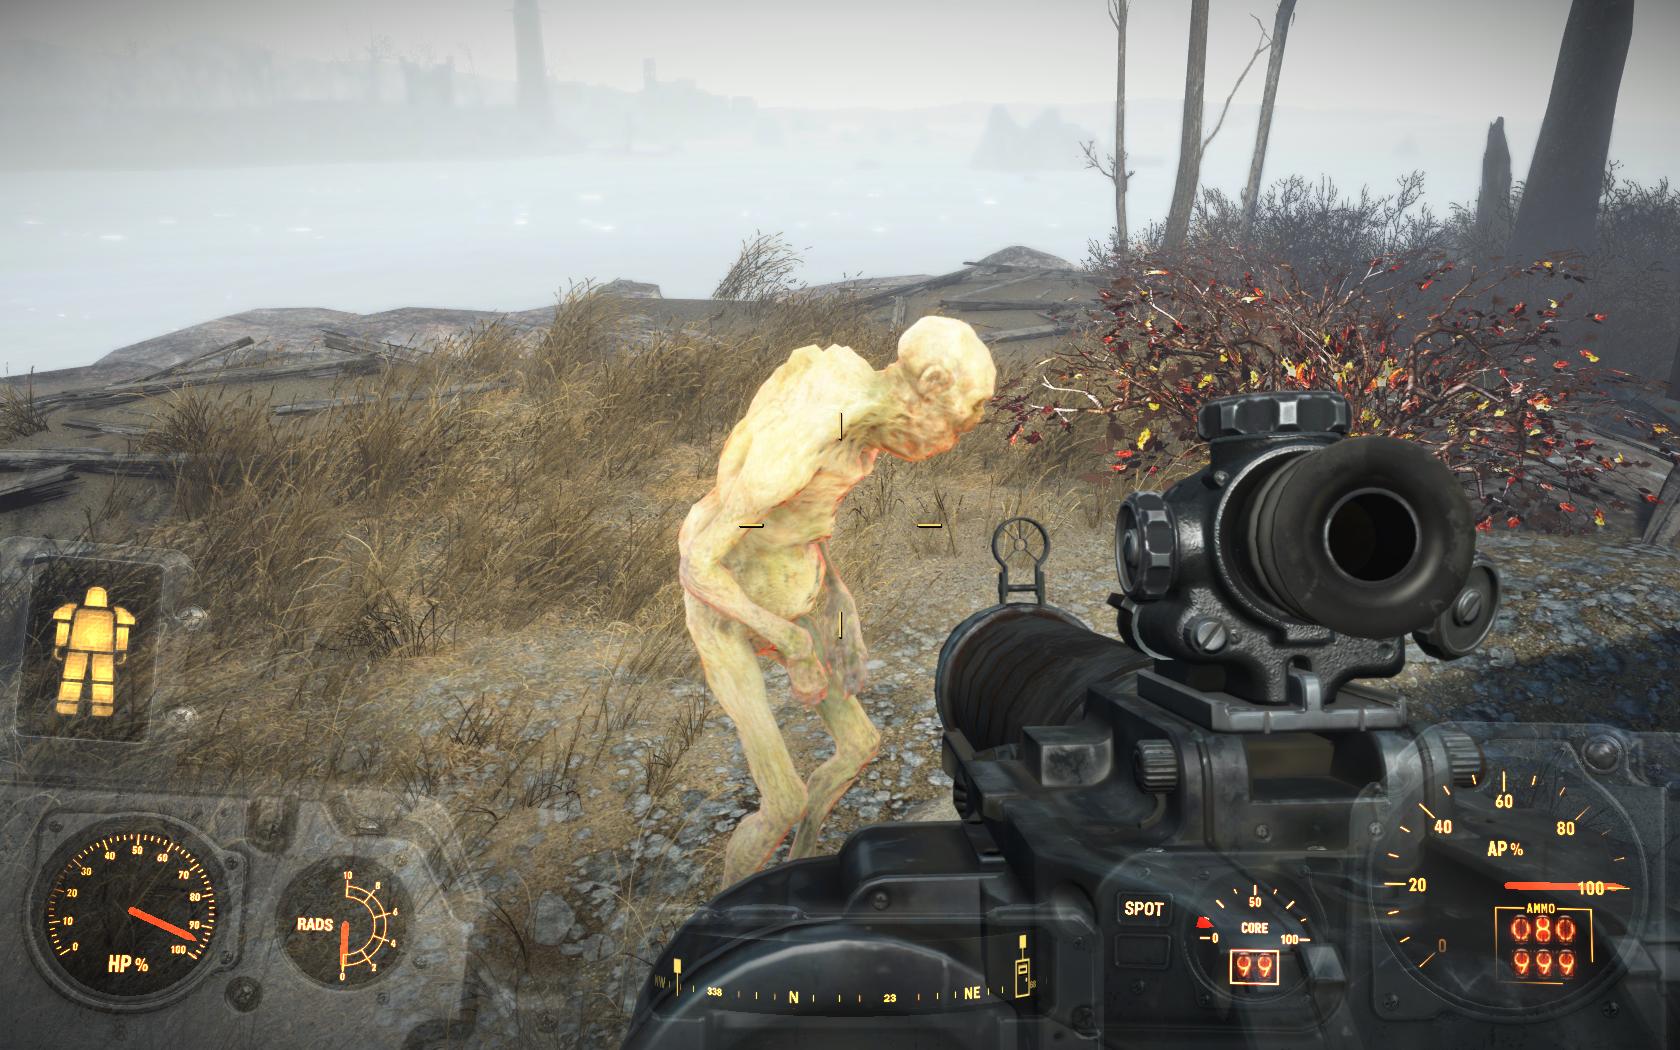 Гуль о чём-то о своём задумался, игнорирует меня (Особняк семьи Крупов) - Fallout 4 Баг